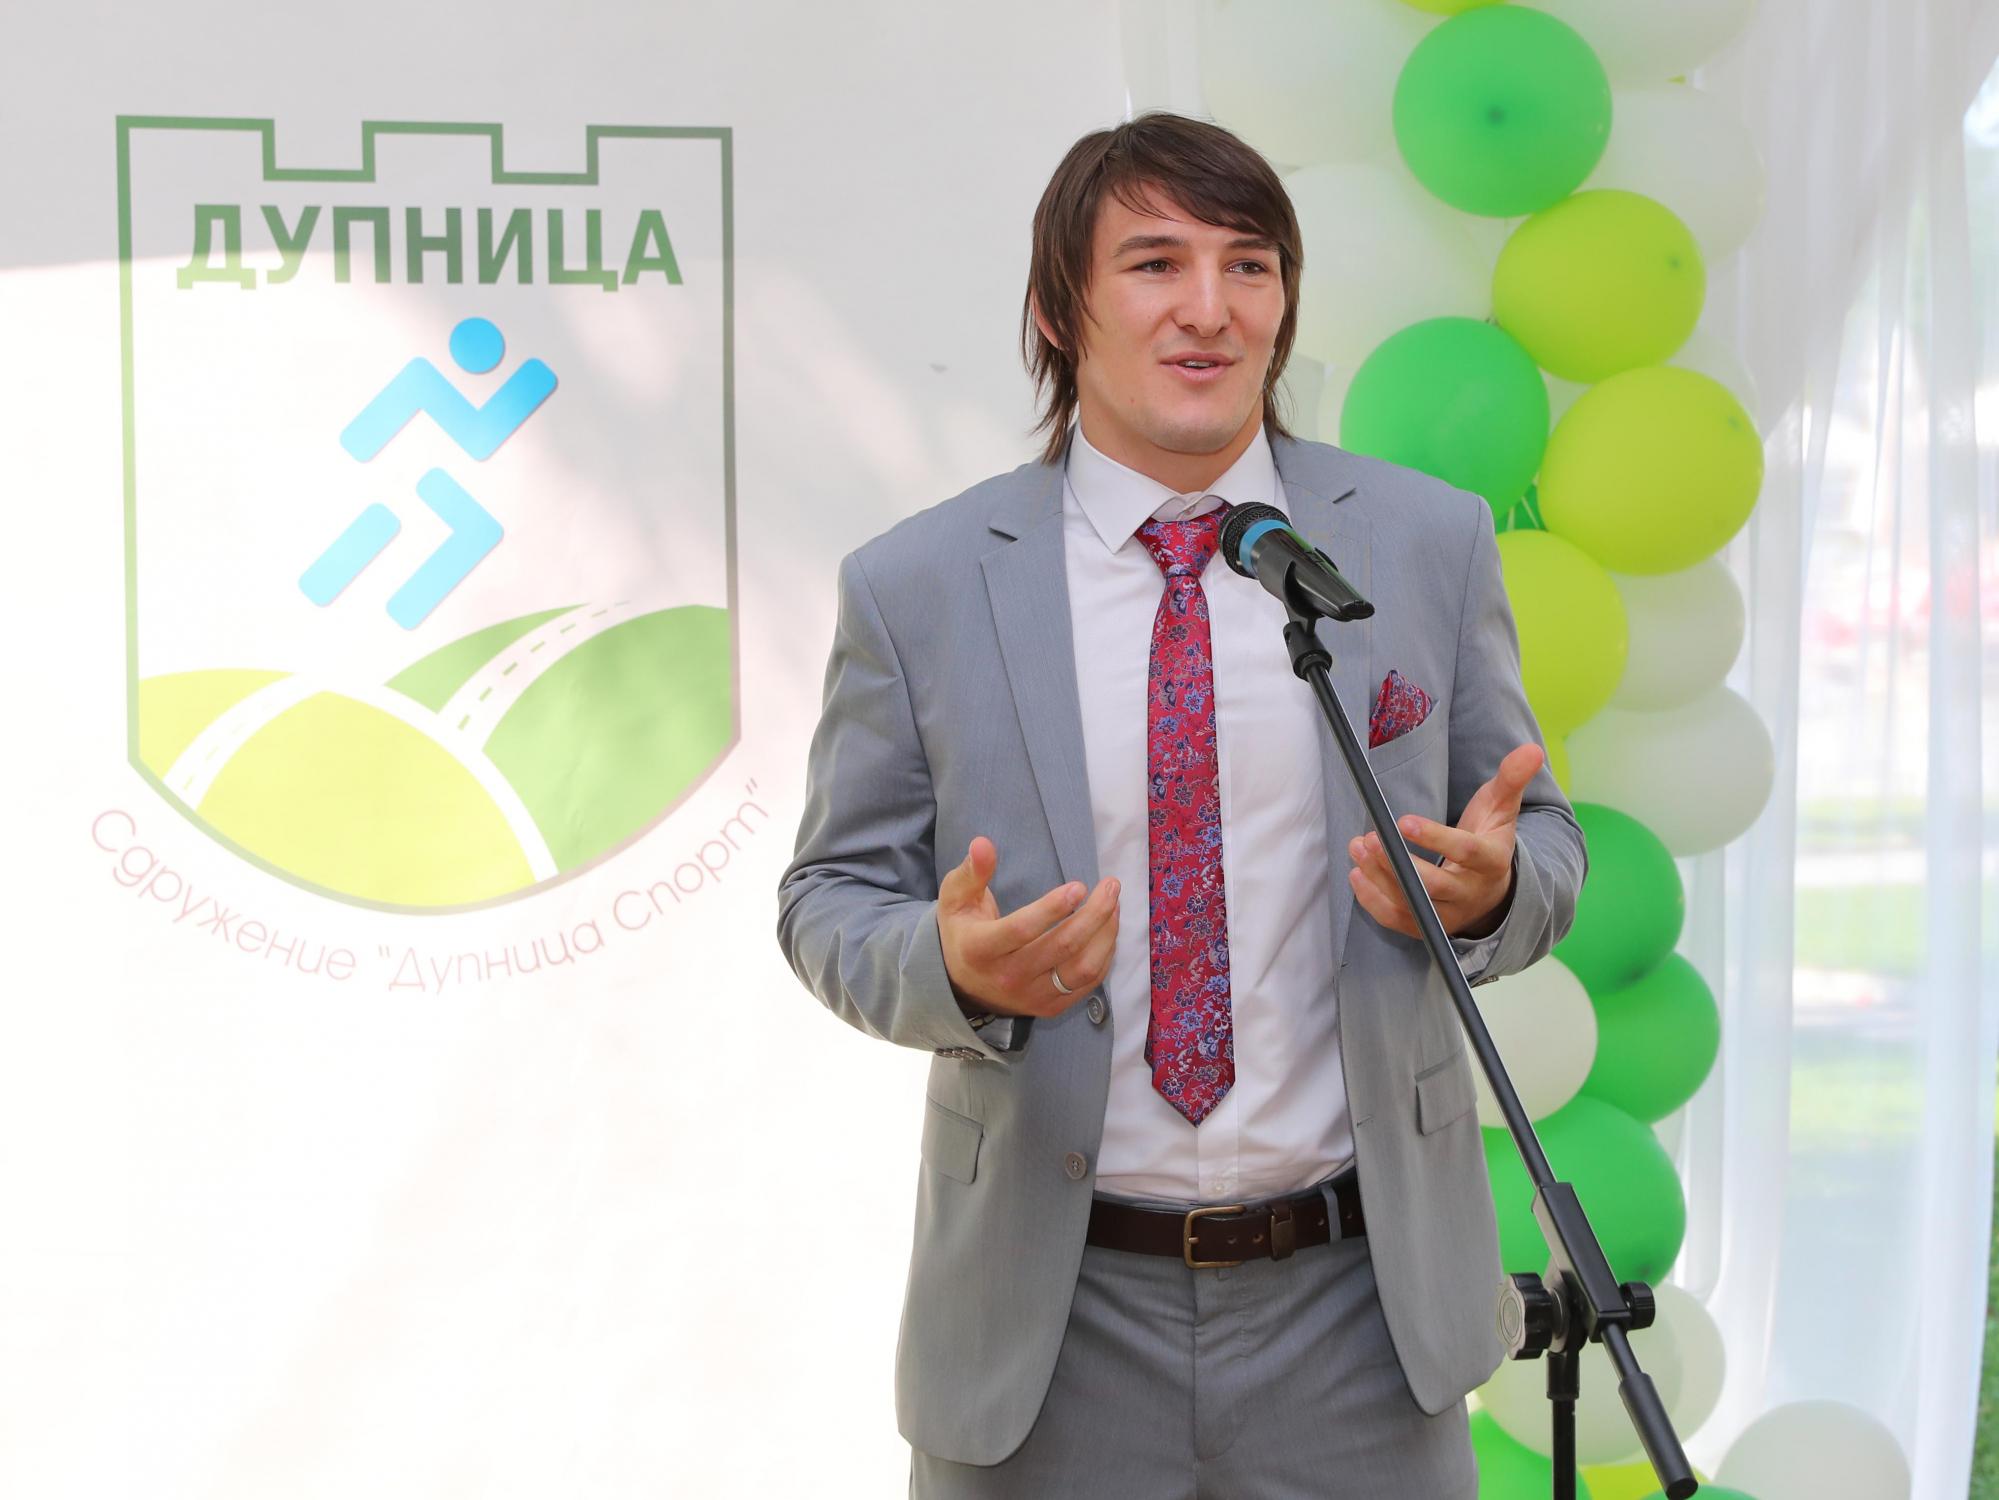 """Даниел Александров преряза лентата на """"Дупница спорт"""" навръх рождения си ден"""